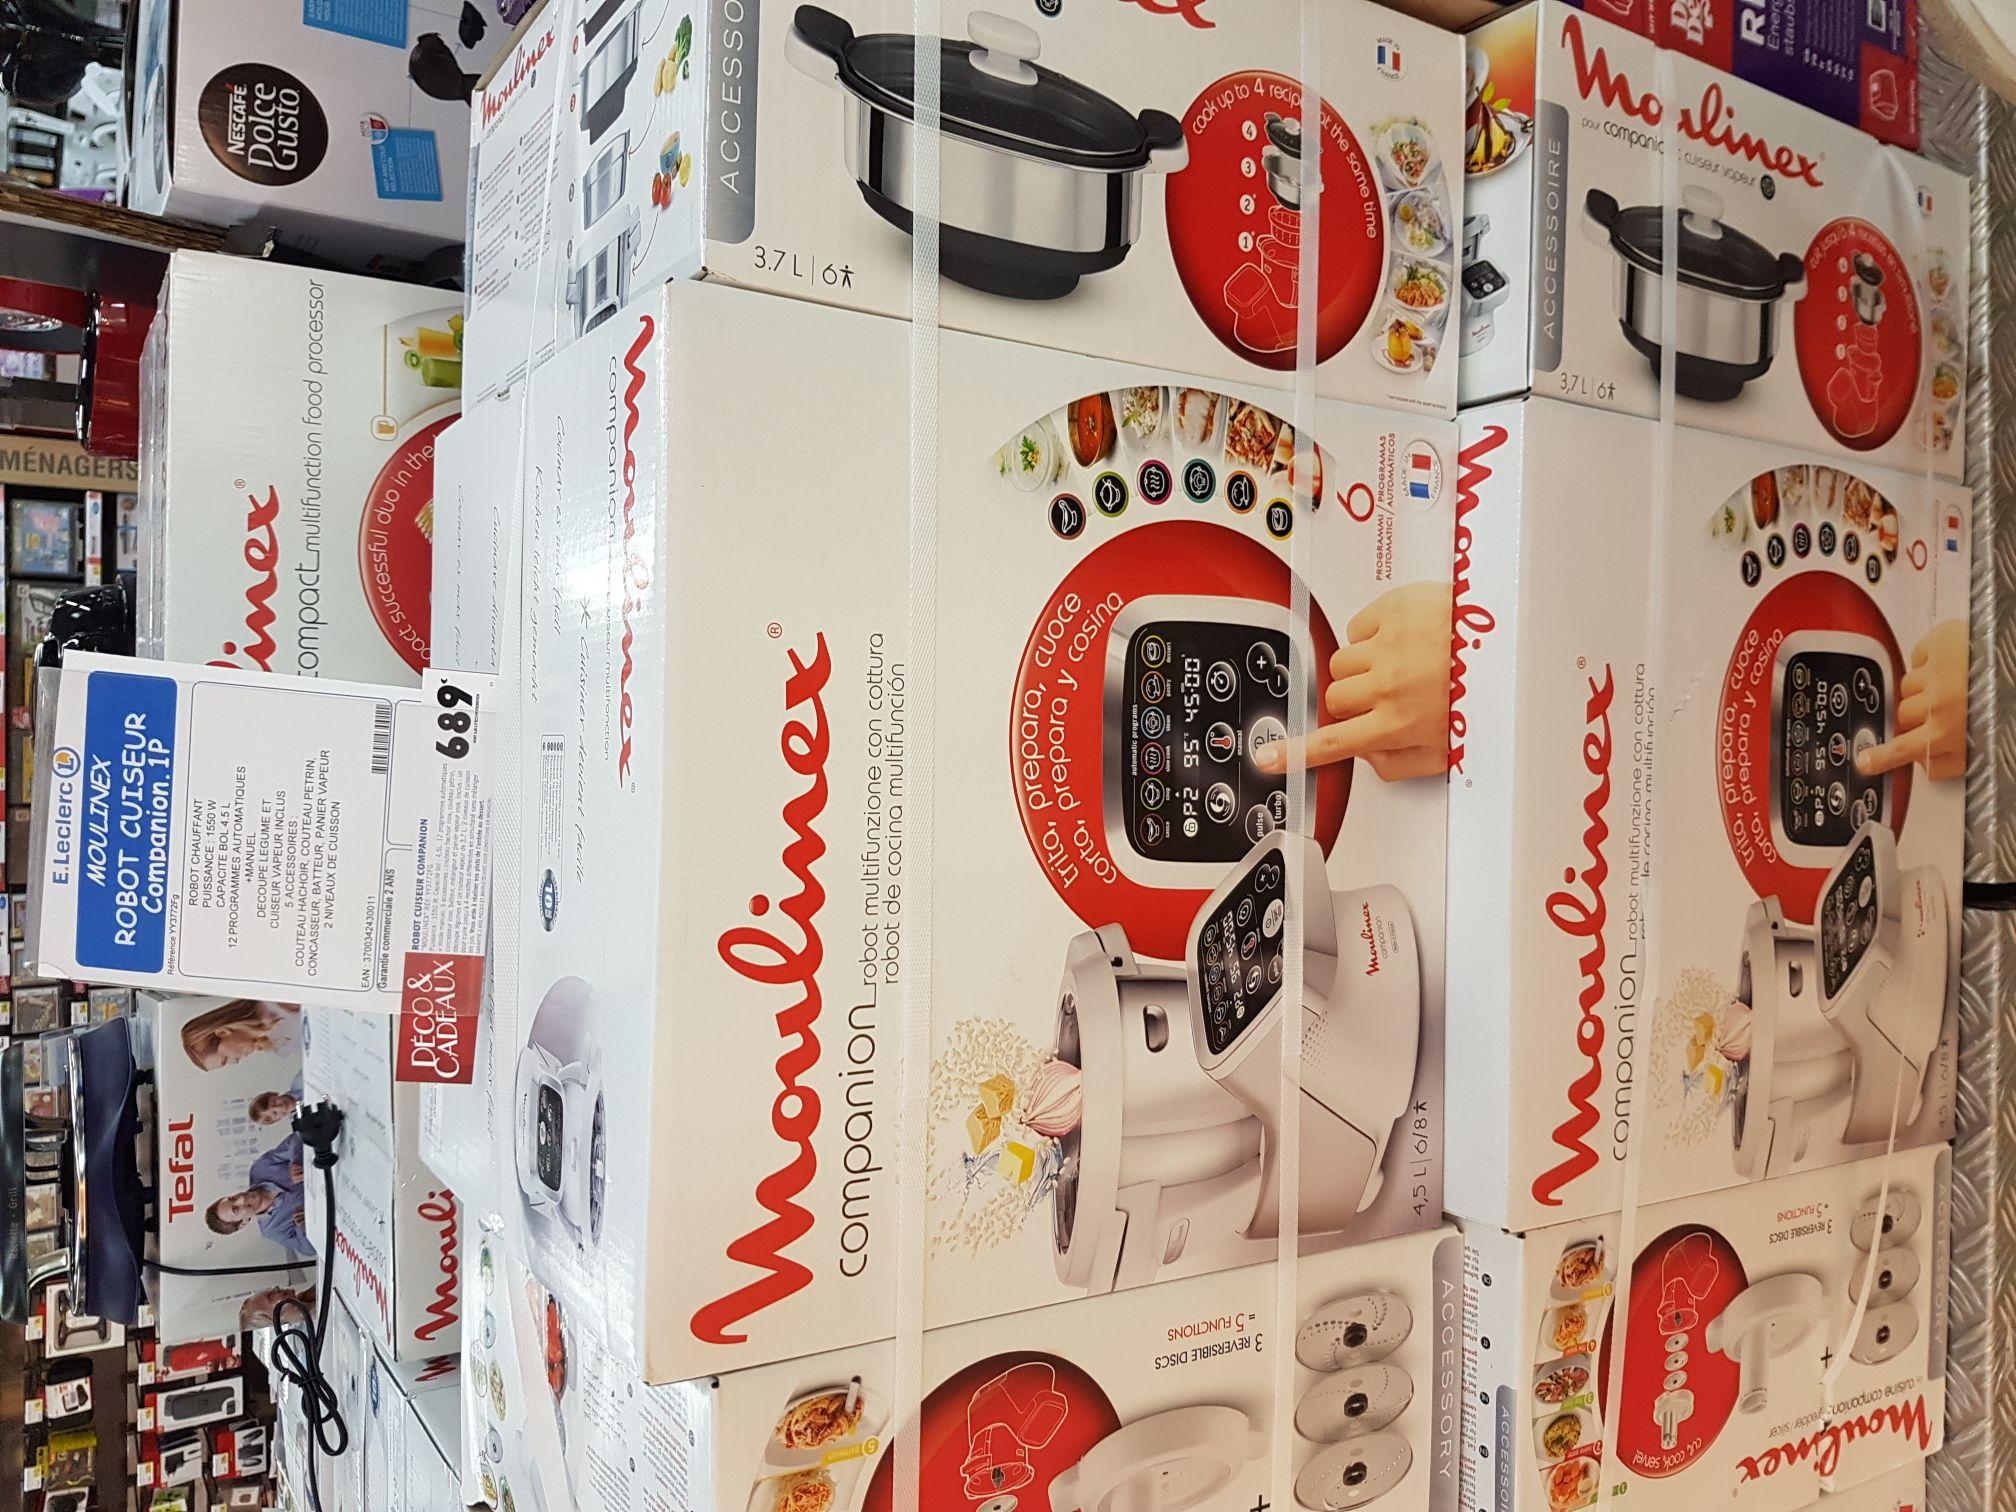 Robot de cuisson multifonction moulinex companion accessoires blagnac 31 - Robot cuisson moulinex ...